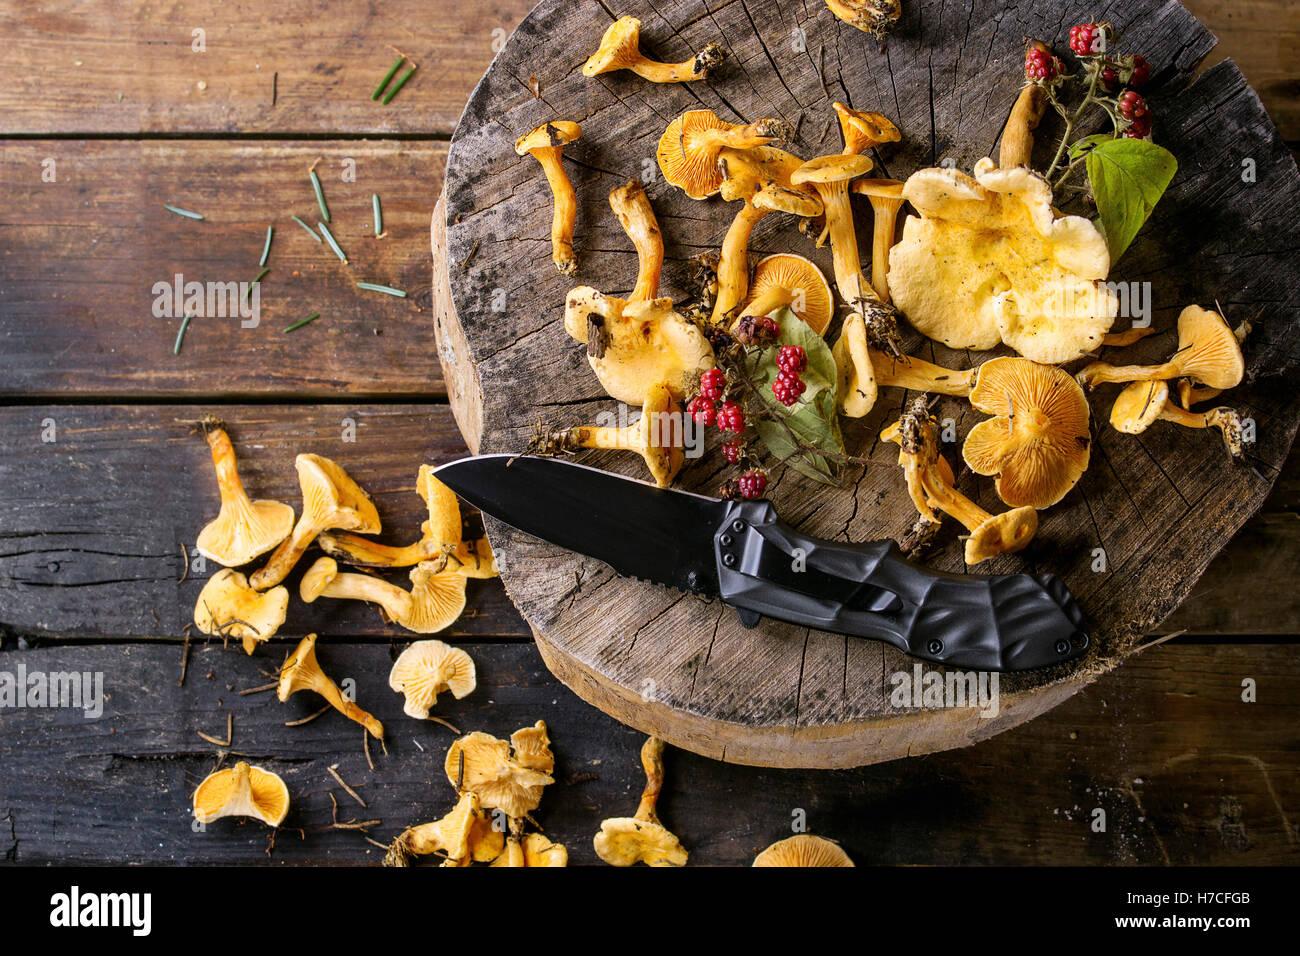 Forest Cantharellus setas con frambuesas silvestres y turist cuchillo sobre madera tocón más antiguas Imagen De Stock